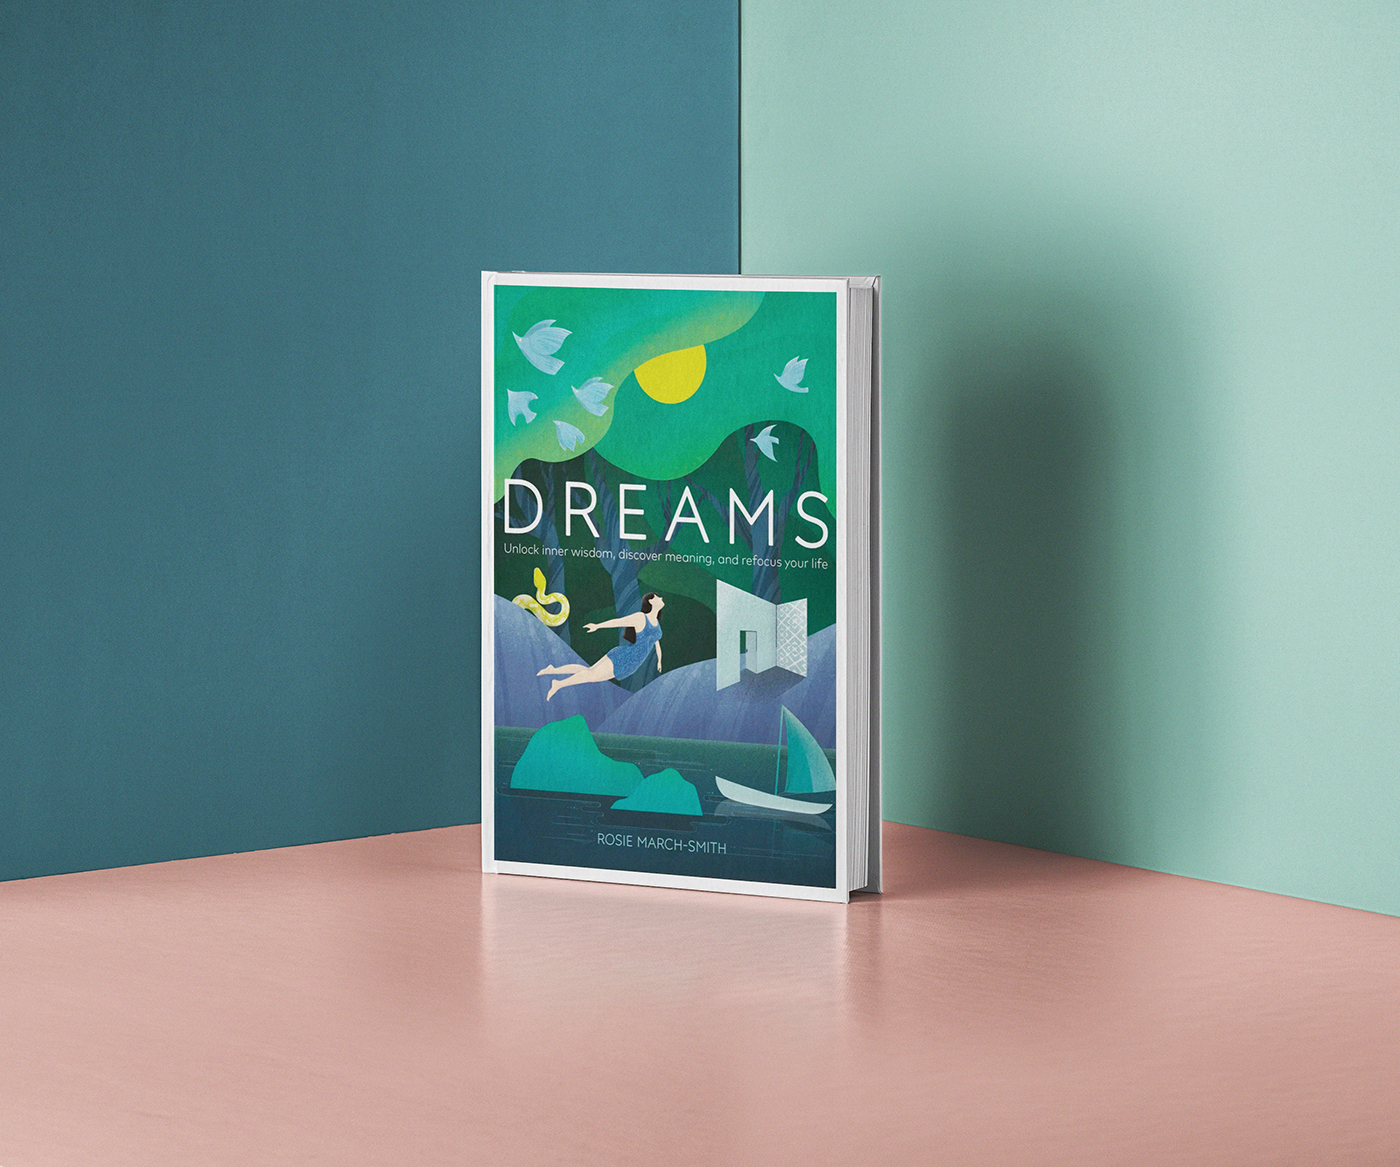 Richard Solomon - DK Books - Dreams UK cover- Publishing - 2019